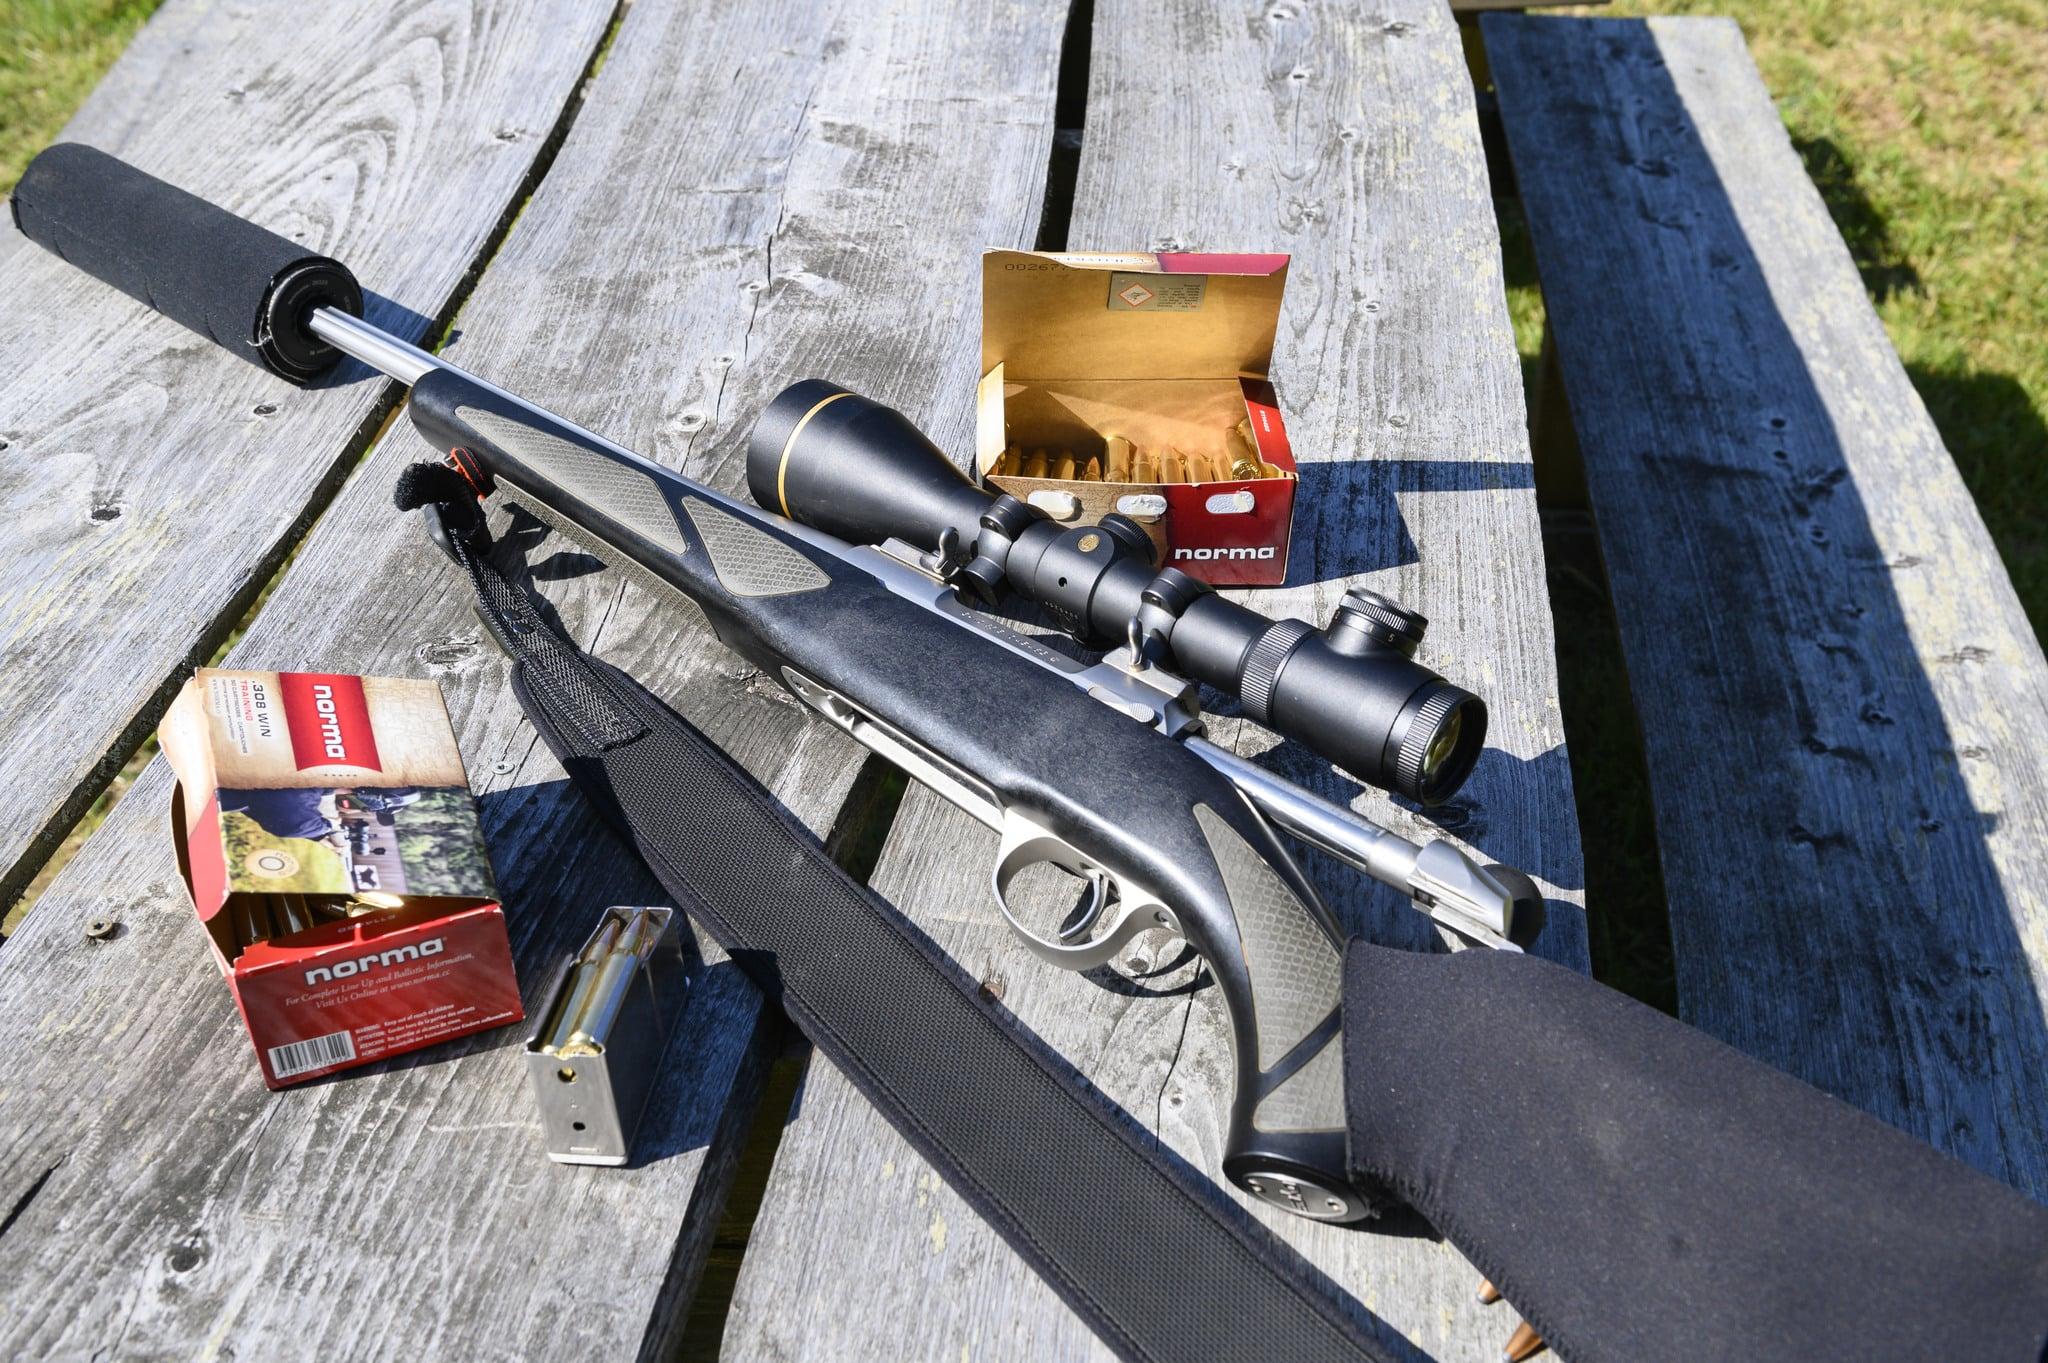 Istället för att försvåra för jägare och skyttar måste regeringen nu komma med positiva förändringar i vapenlagstiftningen, anser Jägareförbundet. Till exempel att ta bort tillståndskravet på ljuddämpare.